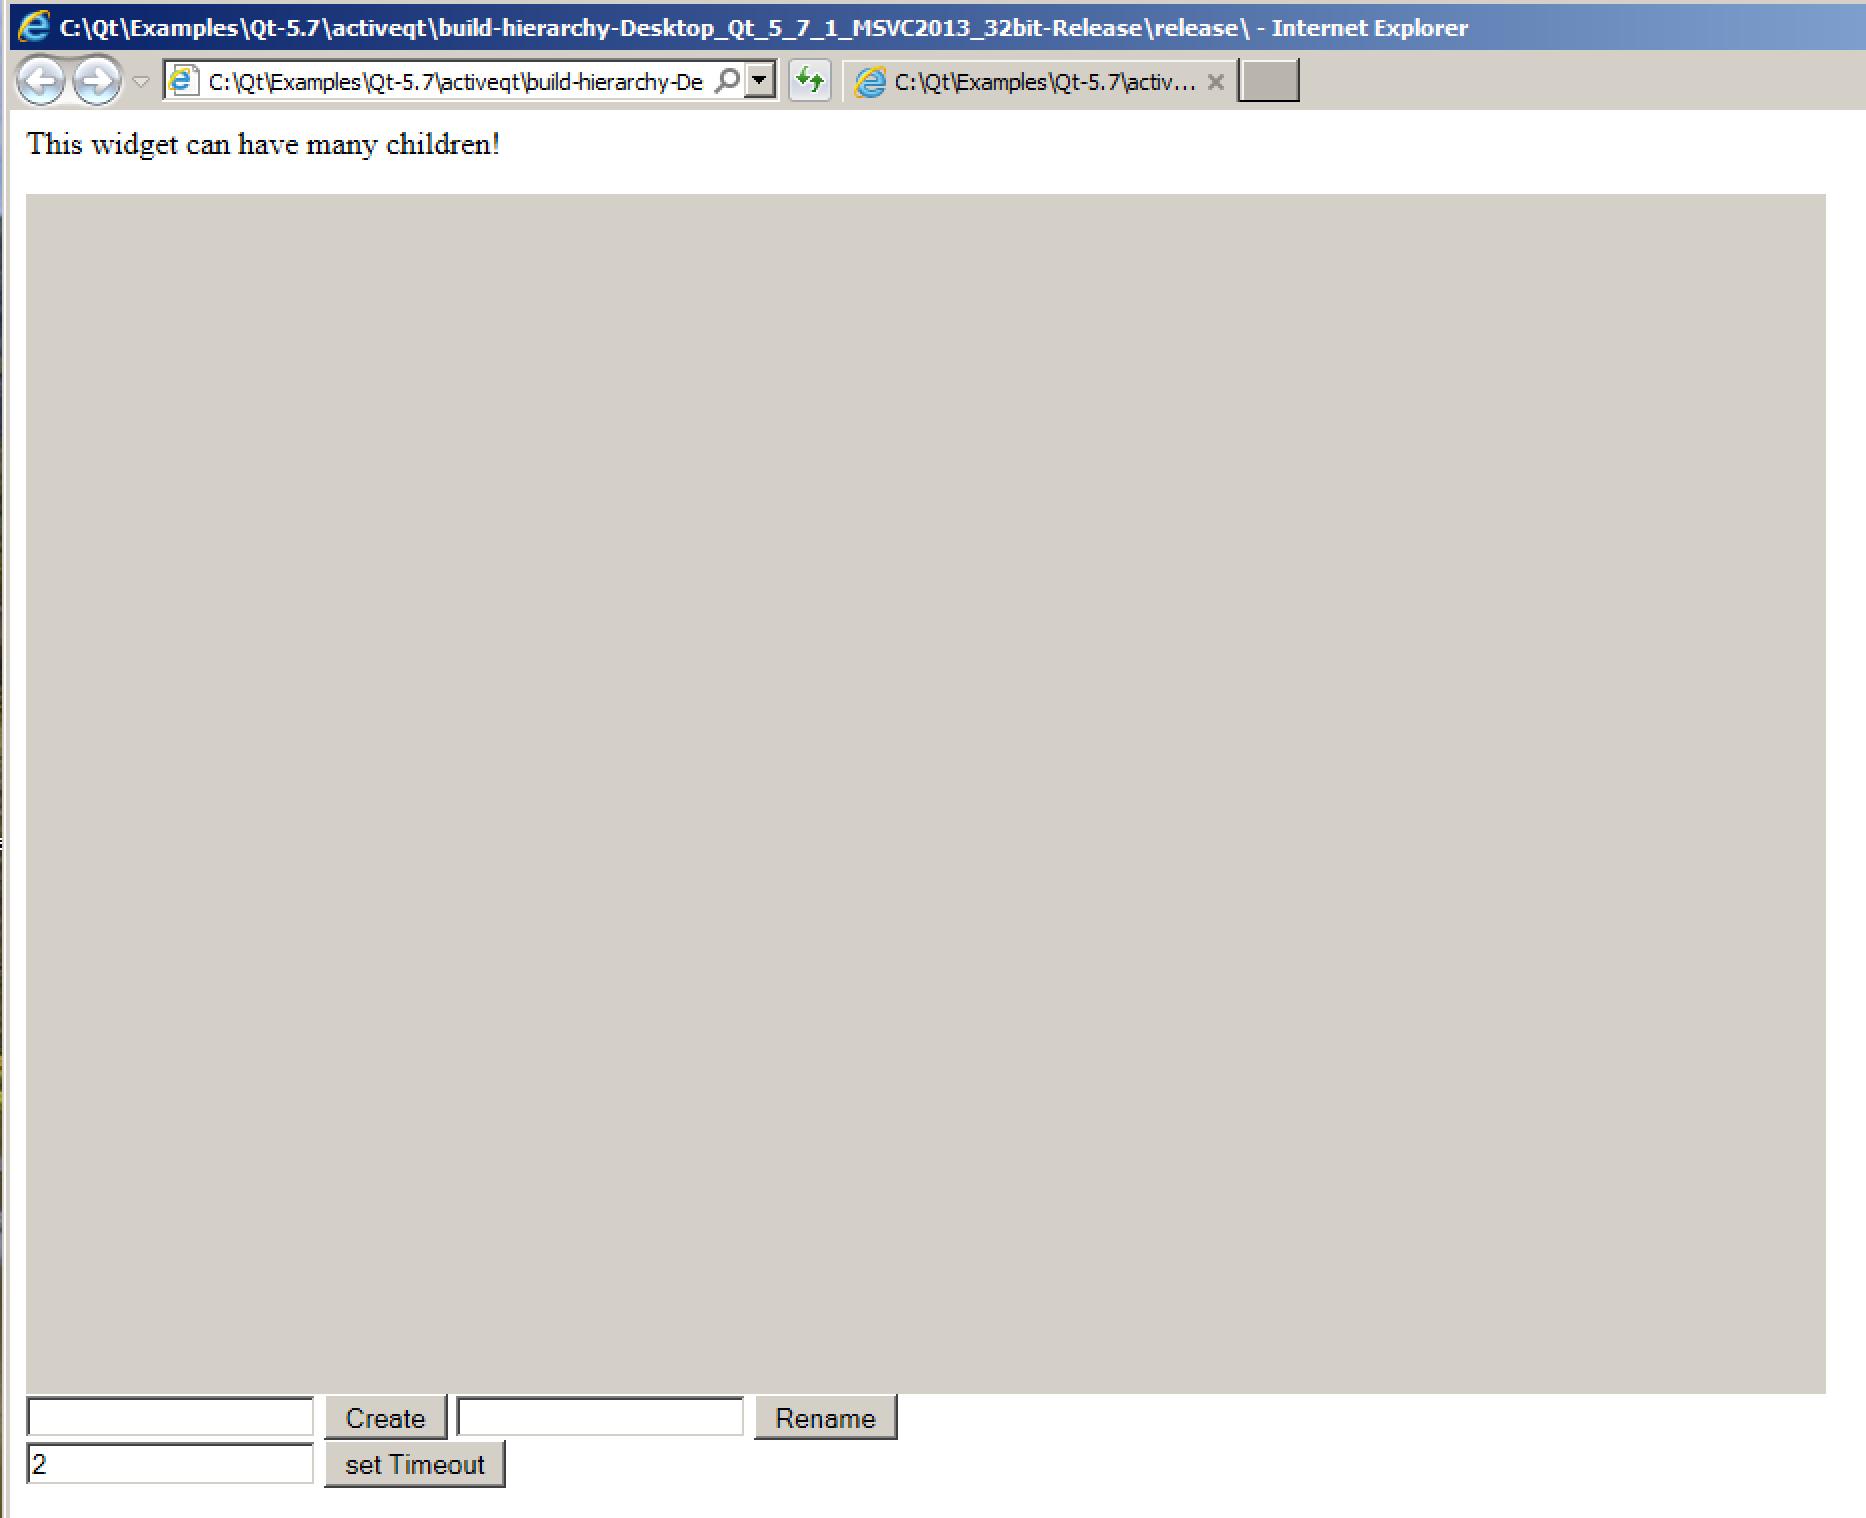 Screenshot 2020-06-04 at 11.43.31.png